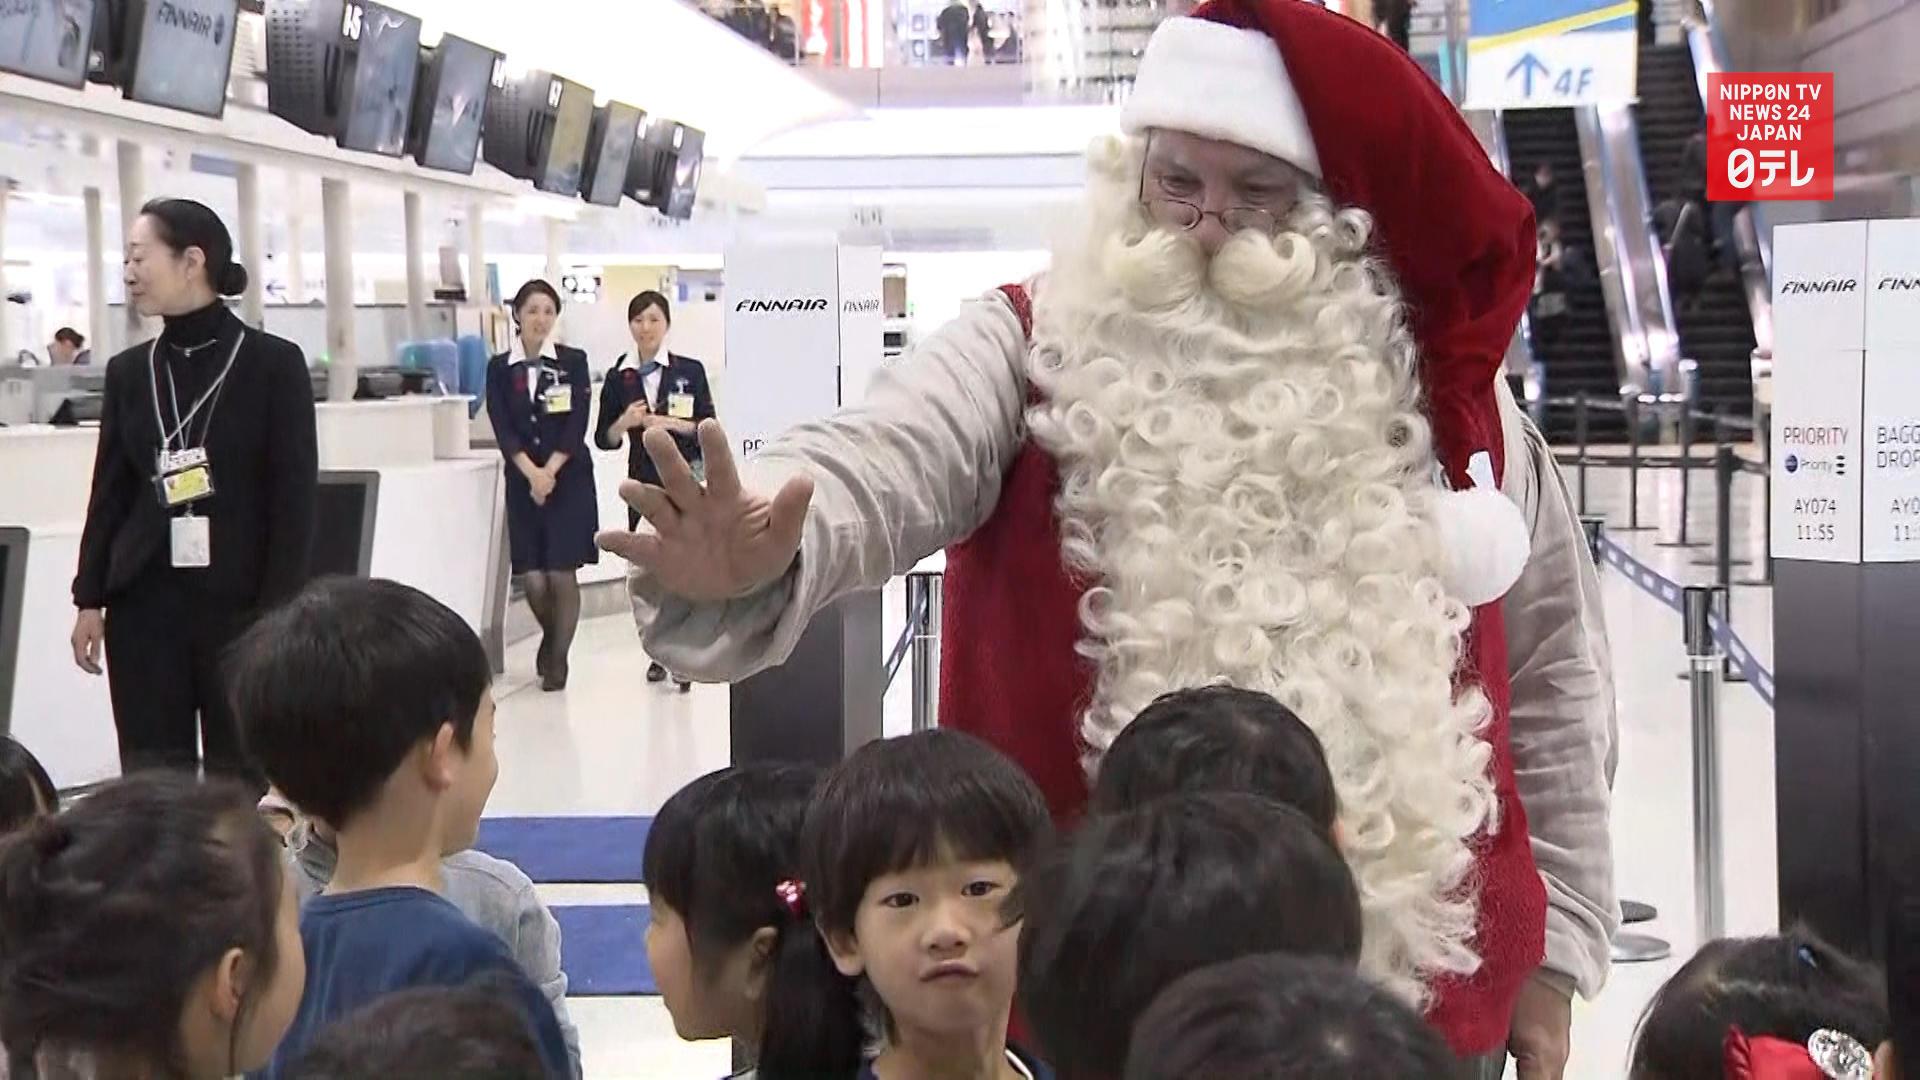 Santa comes to Japan